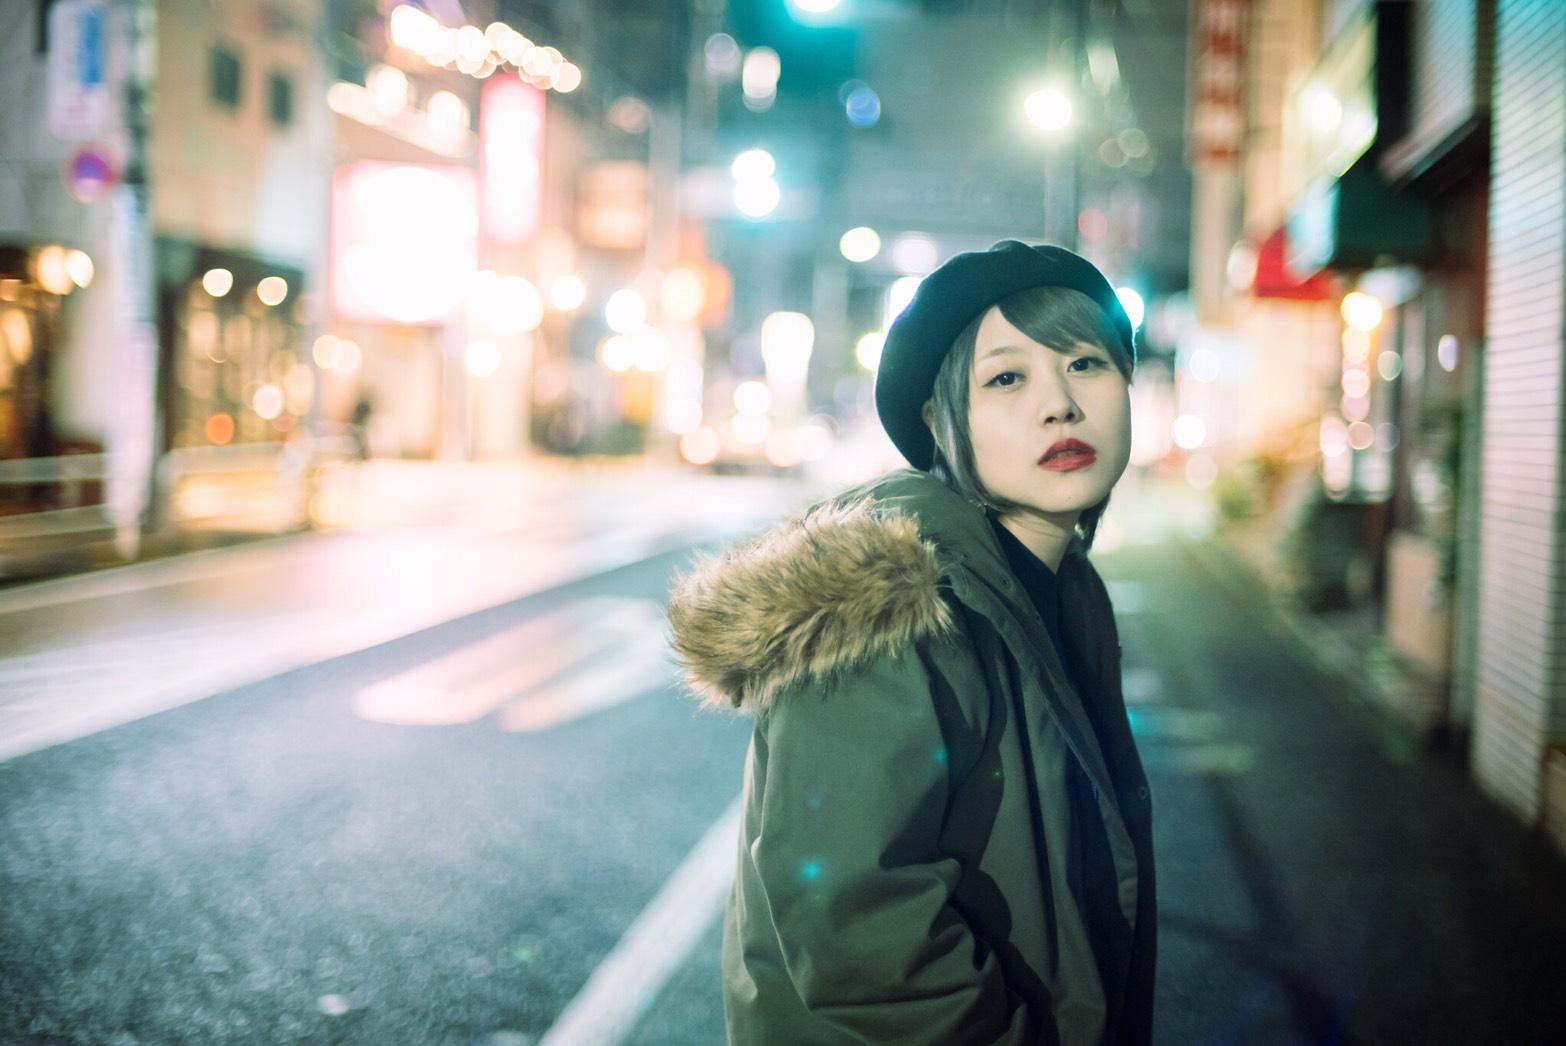 塩入冬湖 (FINLANDS)【他人図鑑コラム Vol.1】